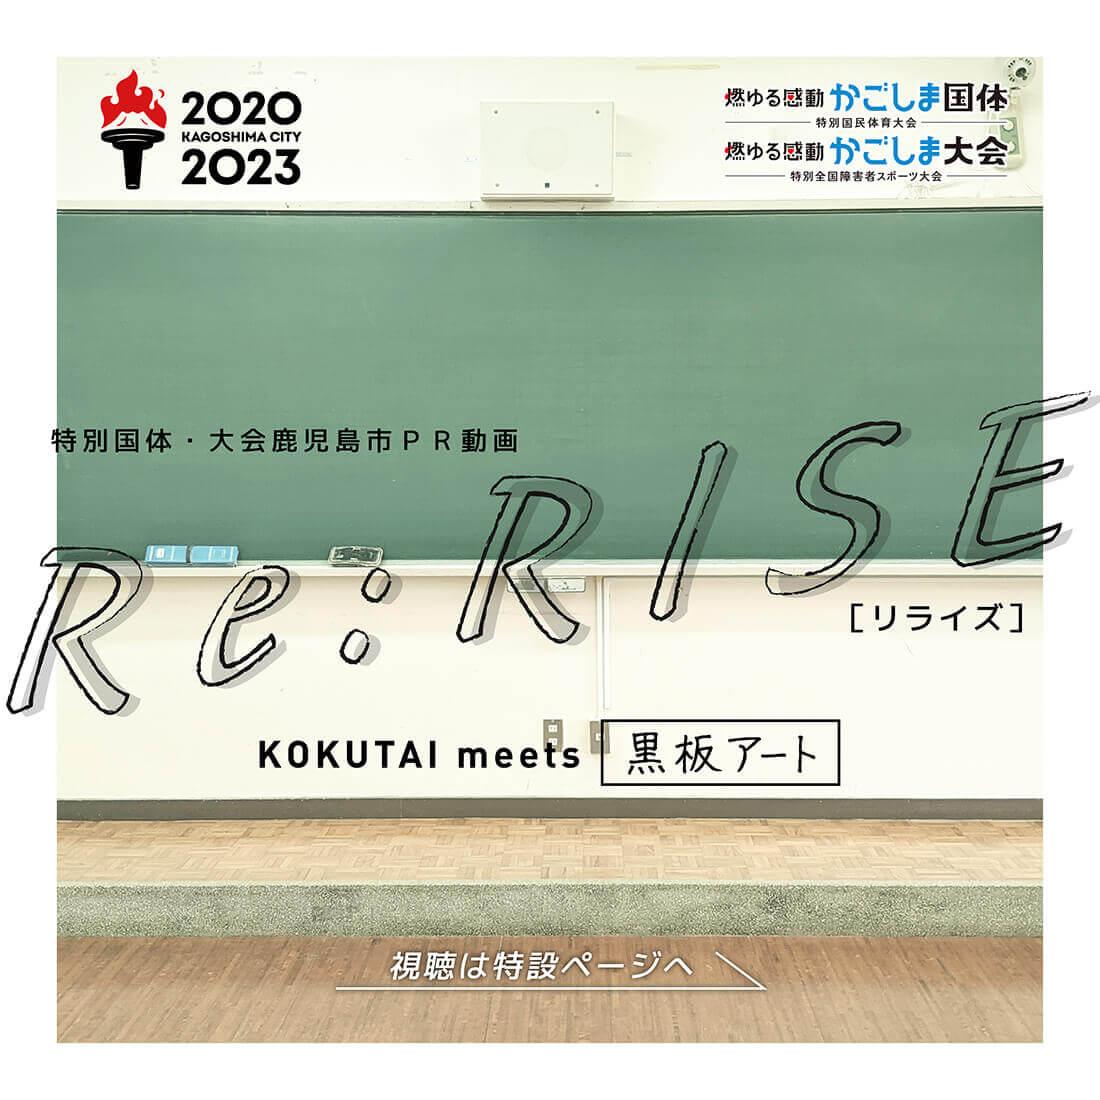 """KOKUTAI meets """"X""""第一弾新PR映像「Re:RISE」公開!!"""